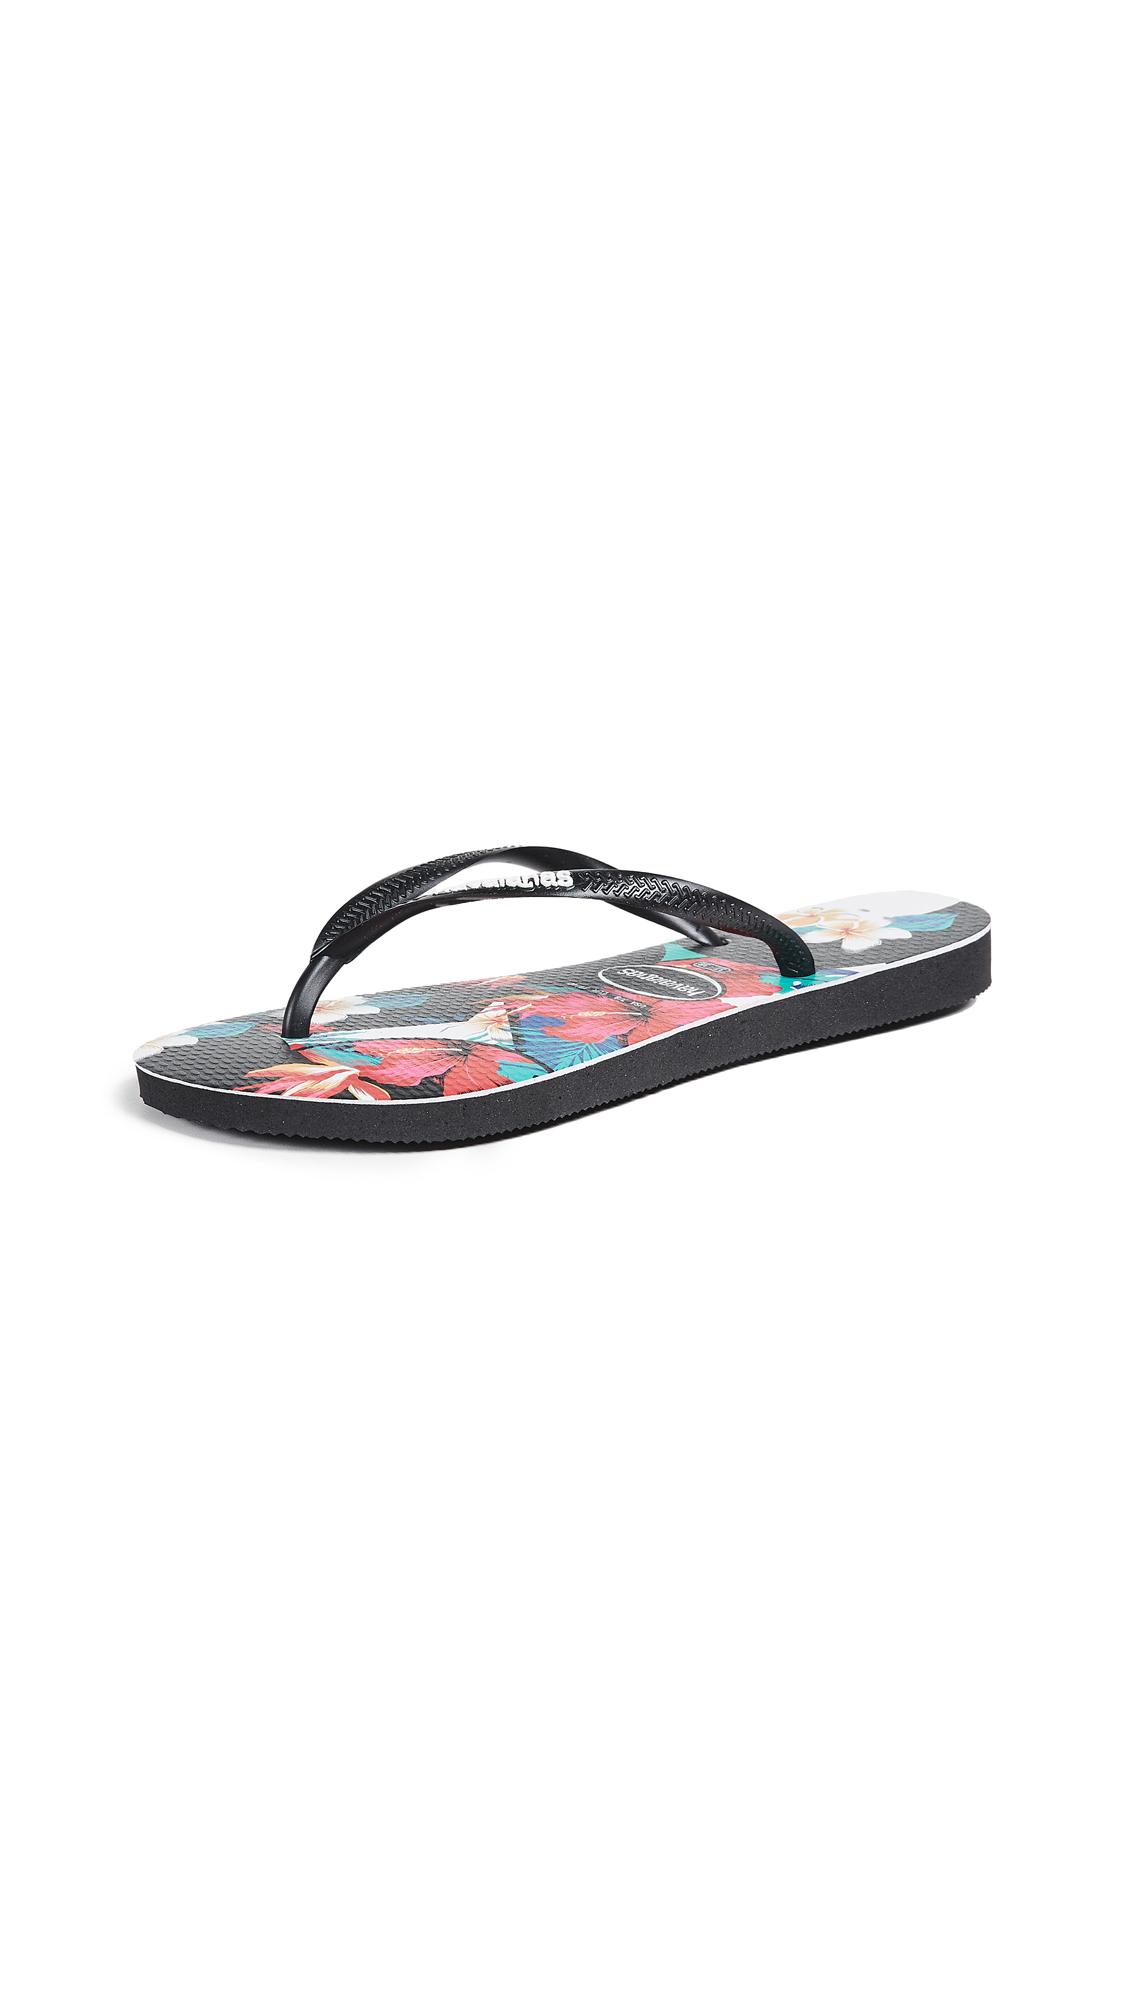 Havaianas Slim Tropical Flip Flops - Black